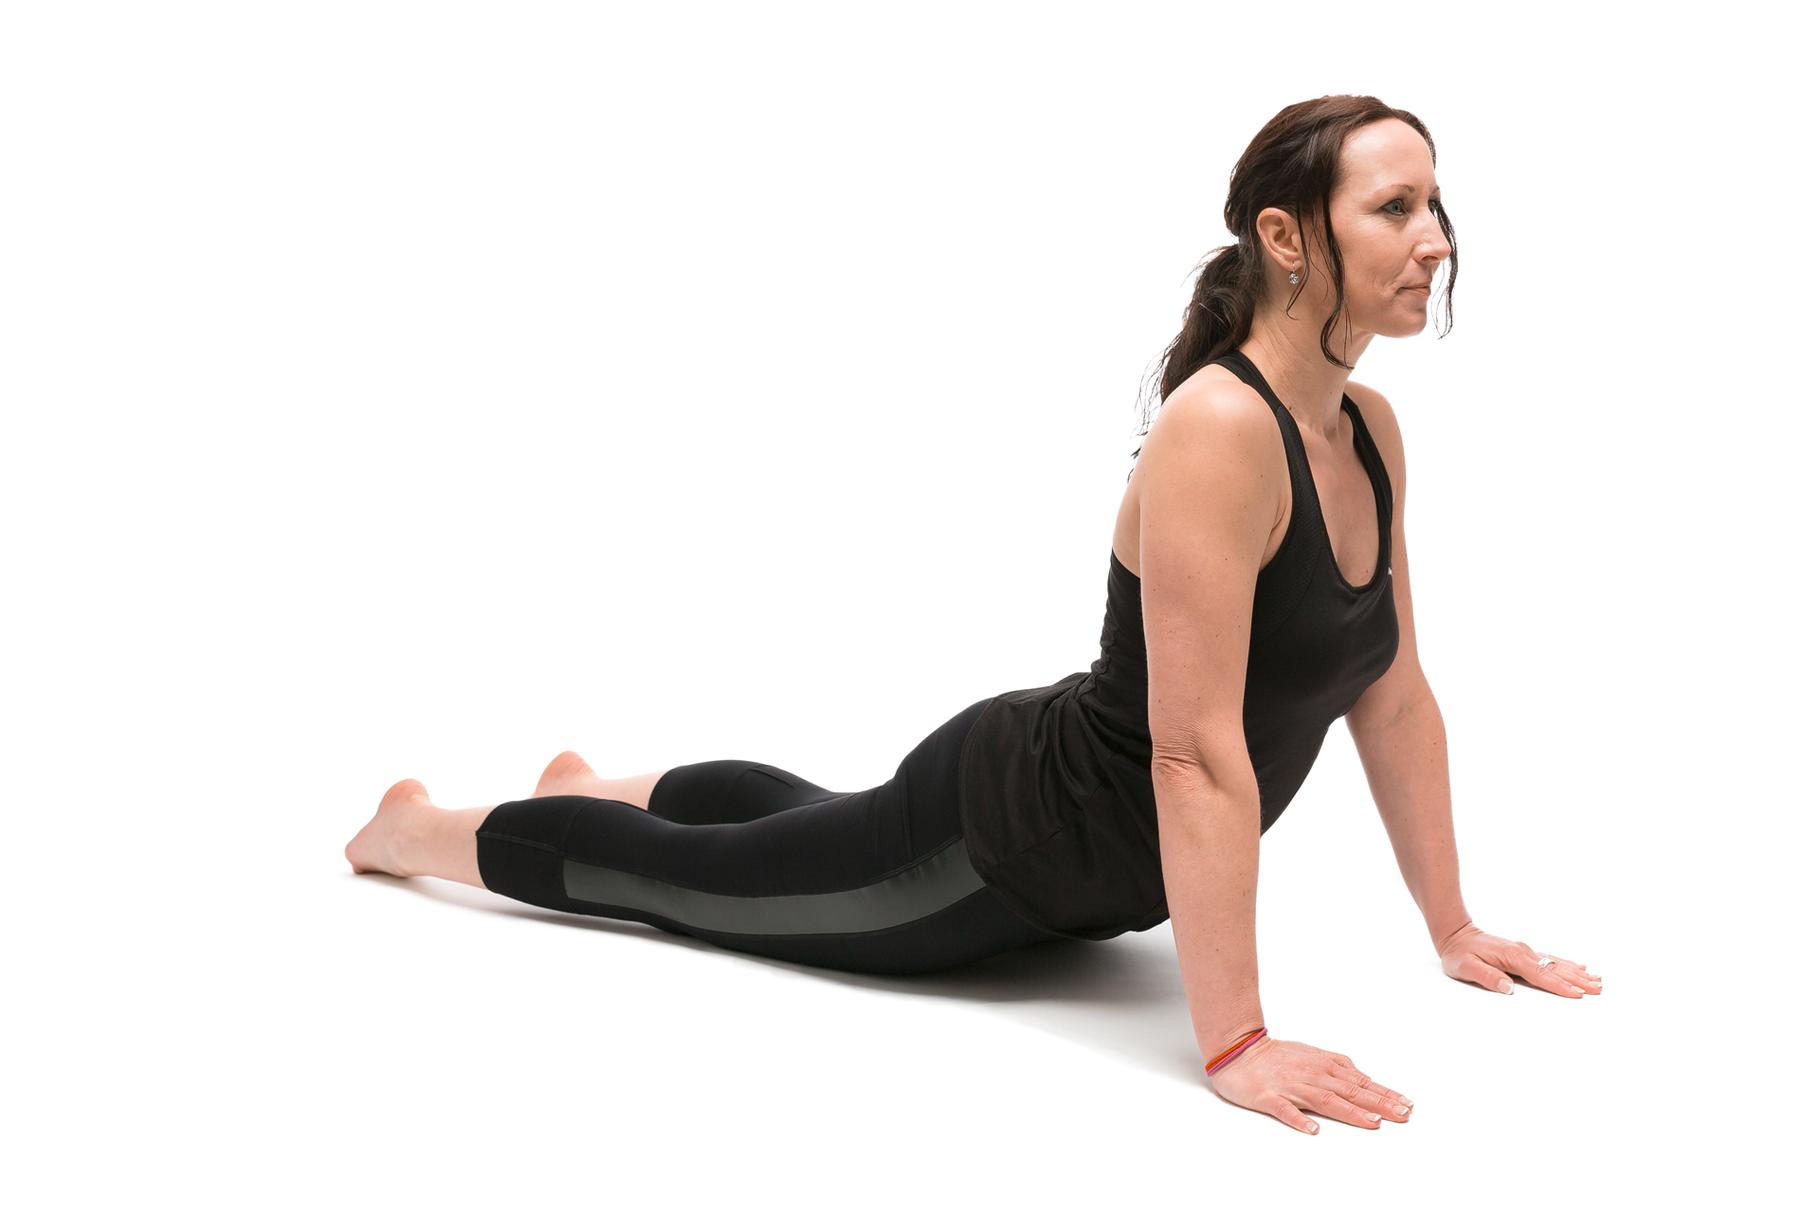 Pilates - Kräftigung der Rumpfmuskulatur und Mobilisation der Wirbelsäule